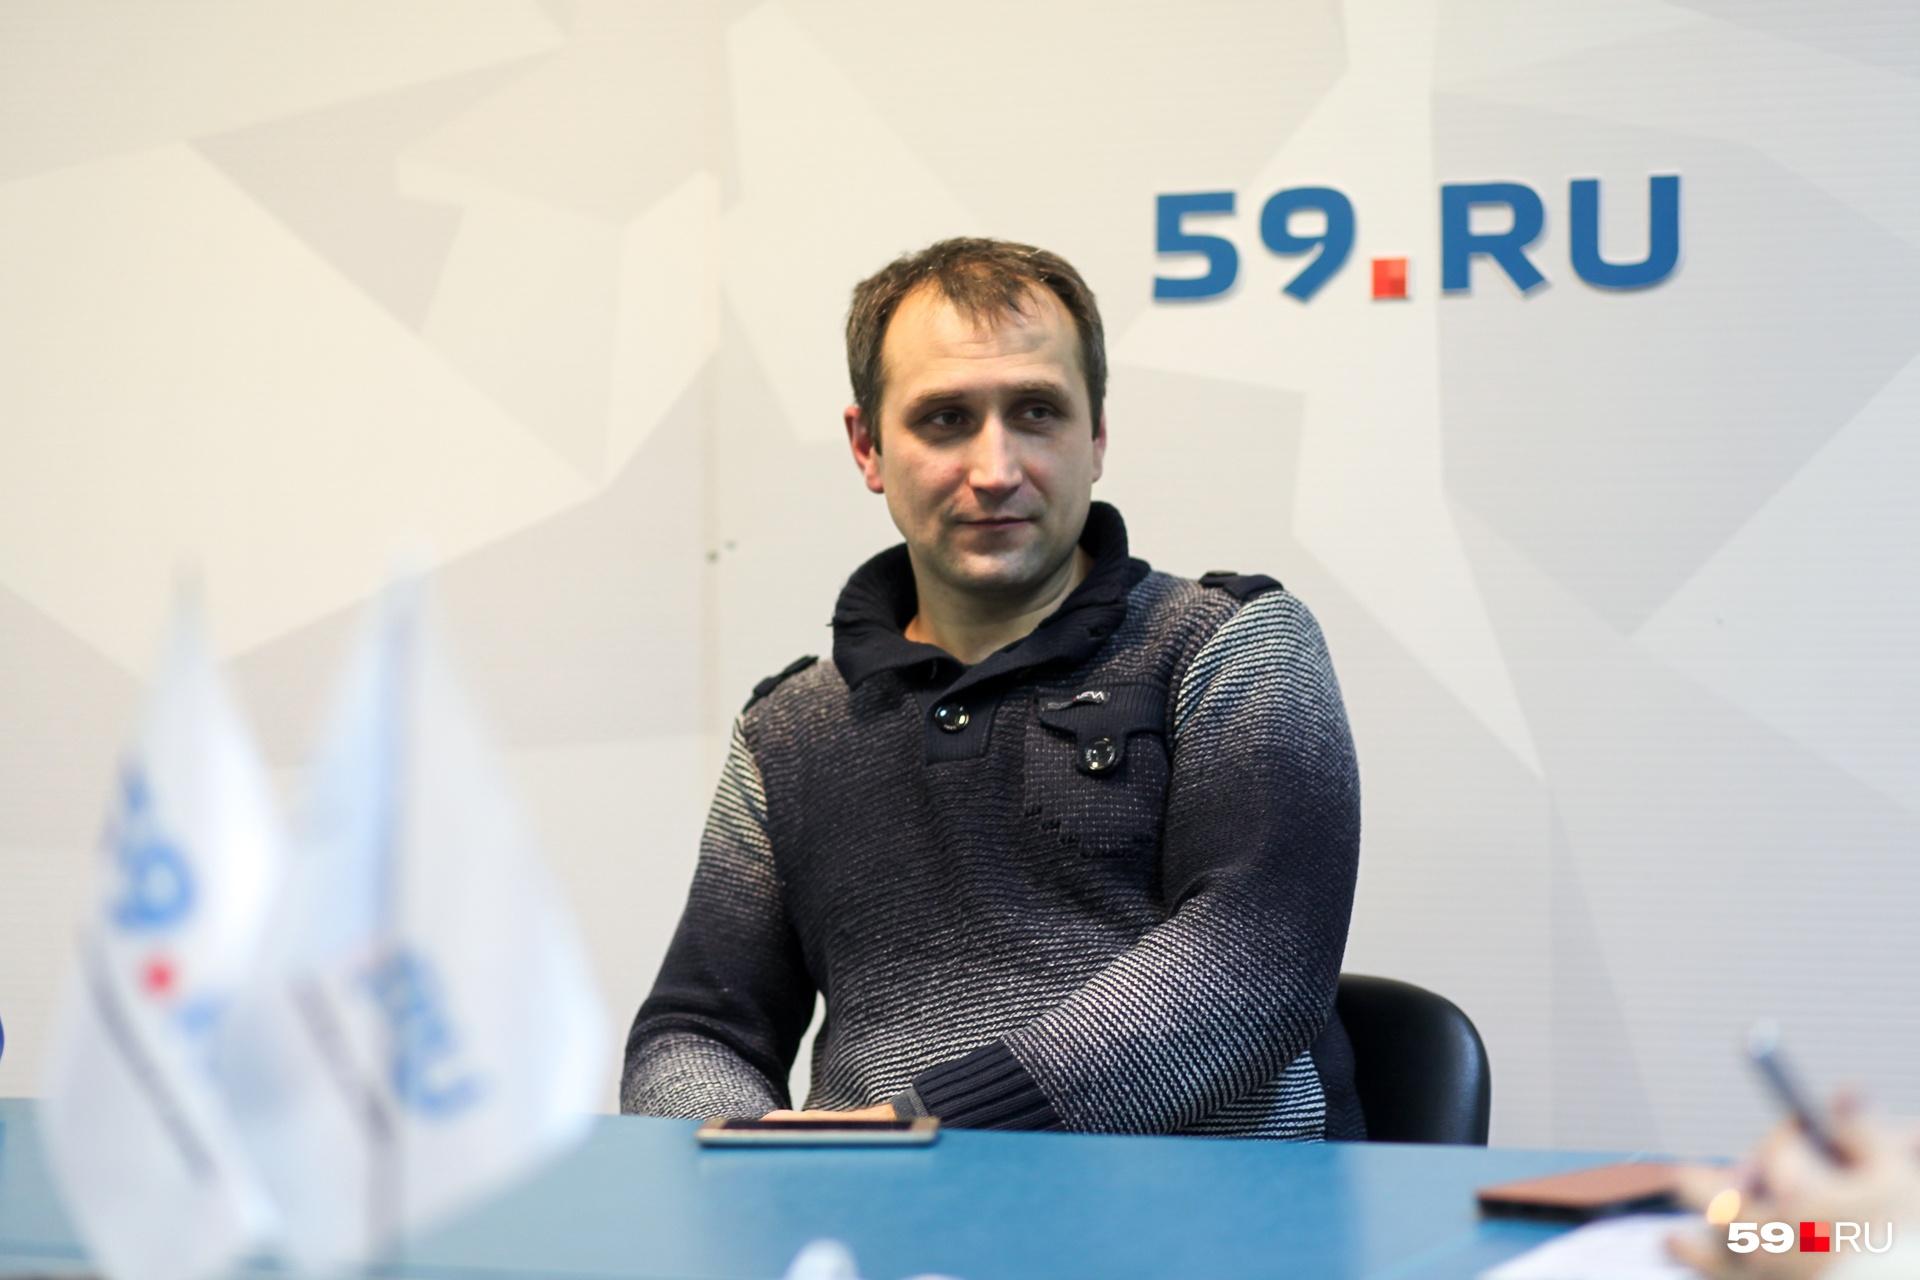 Роман Ваньков написал открытое письмо президенту